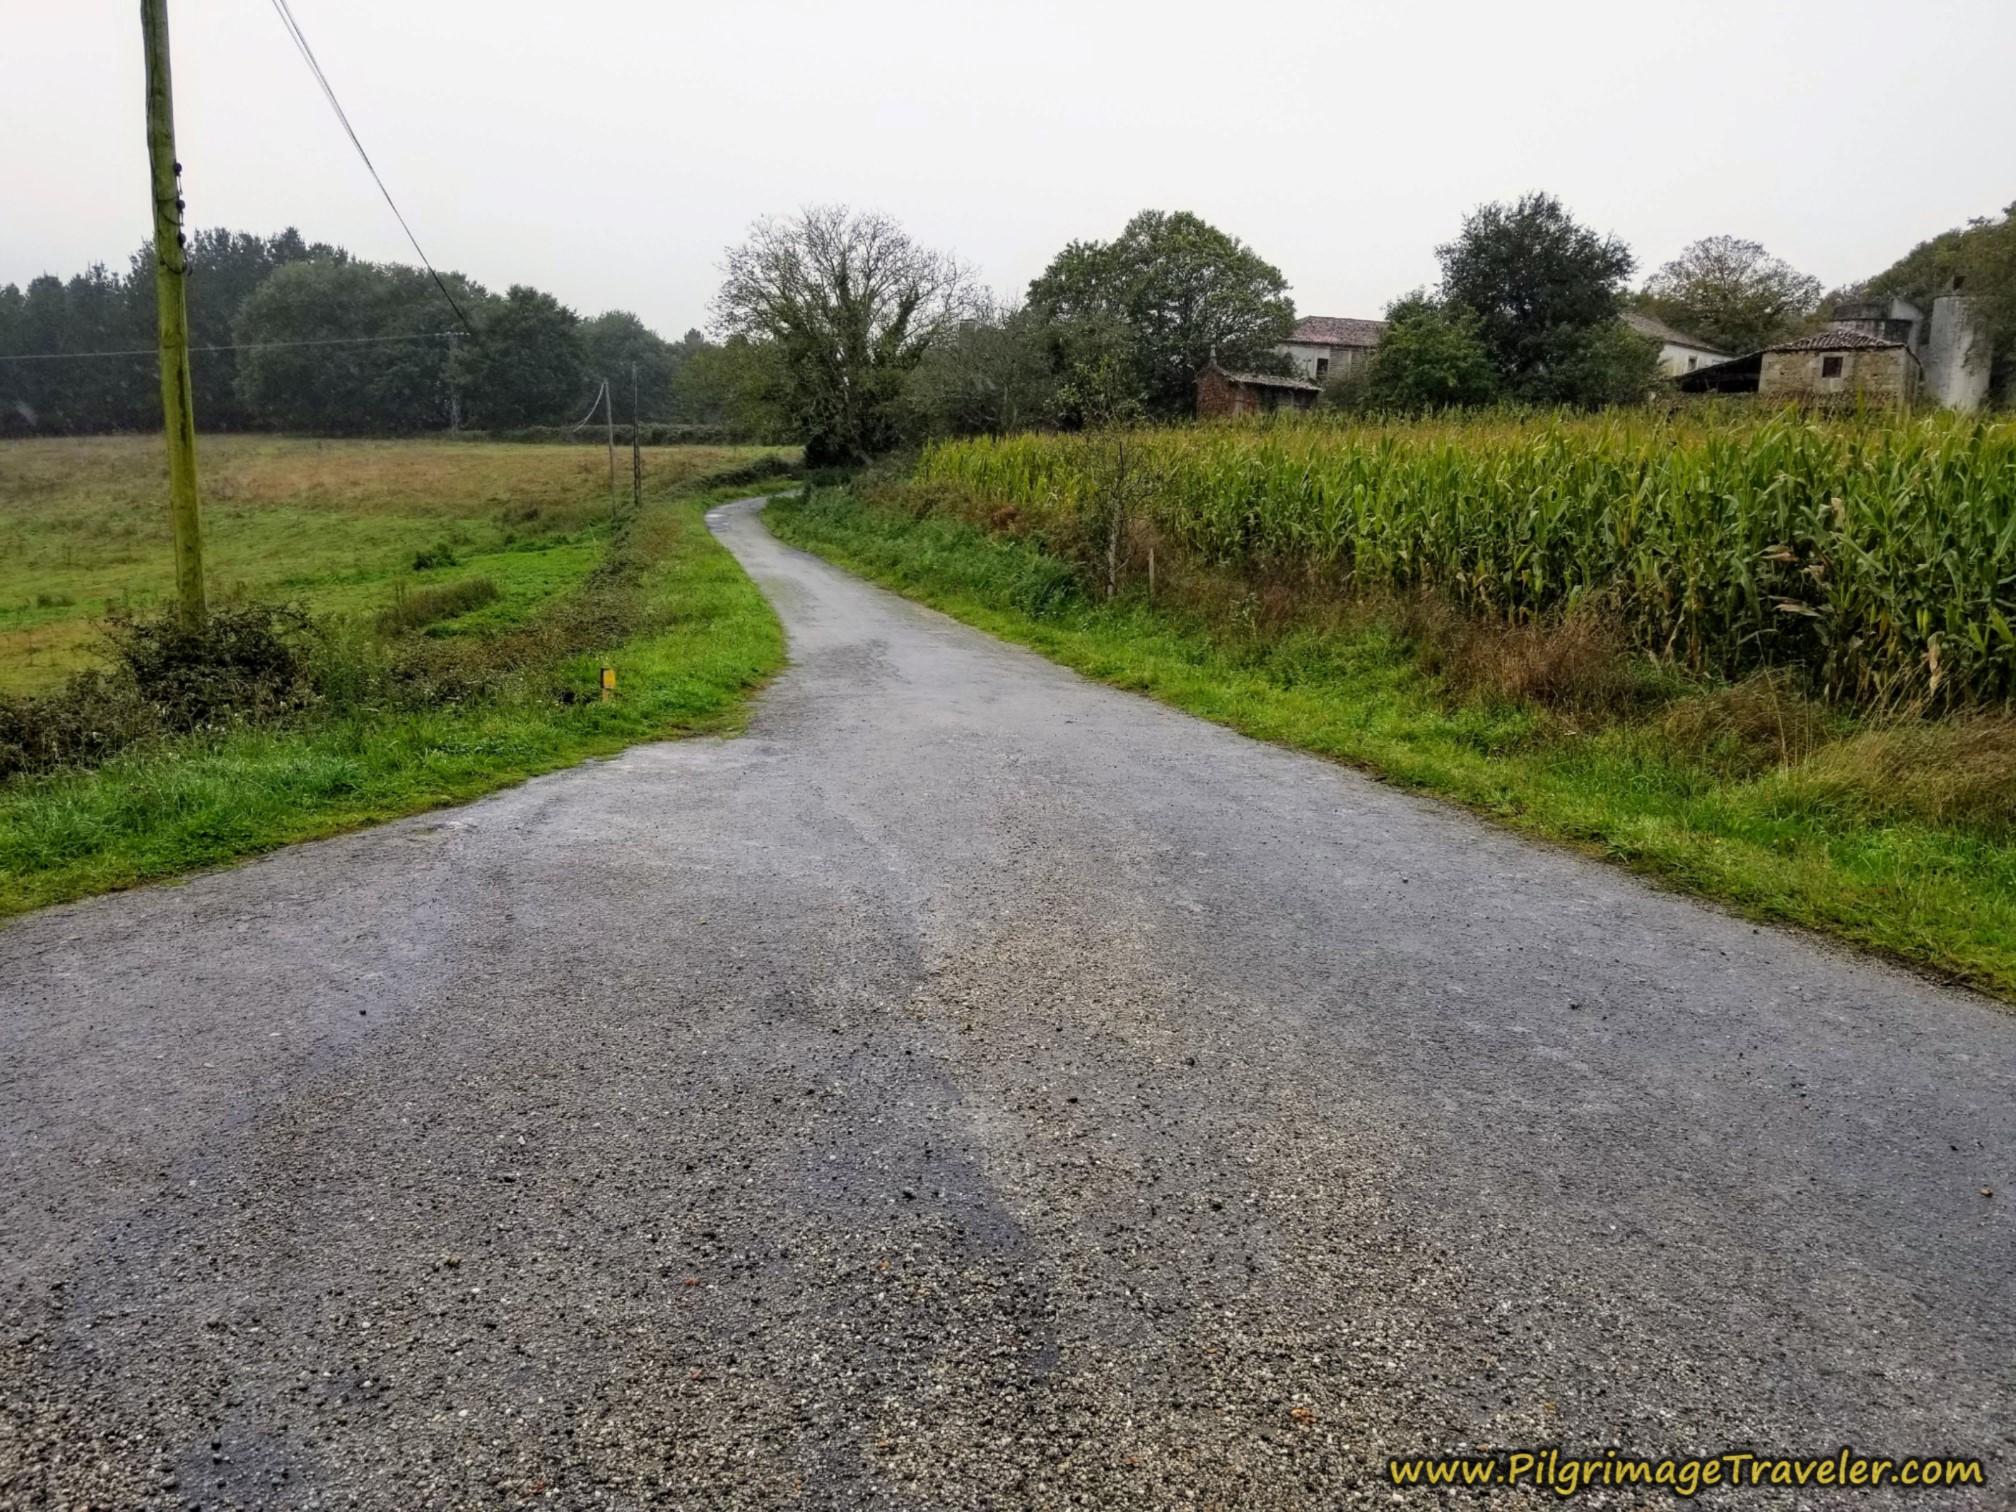 Left Turn Onto Tiny Lane